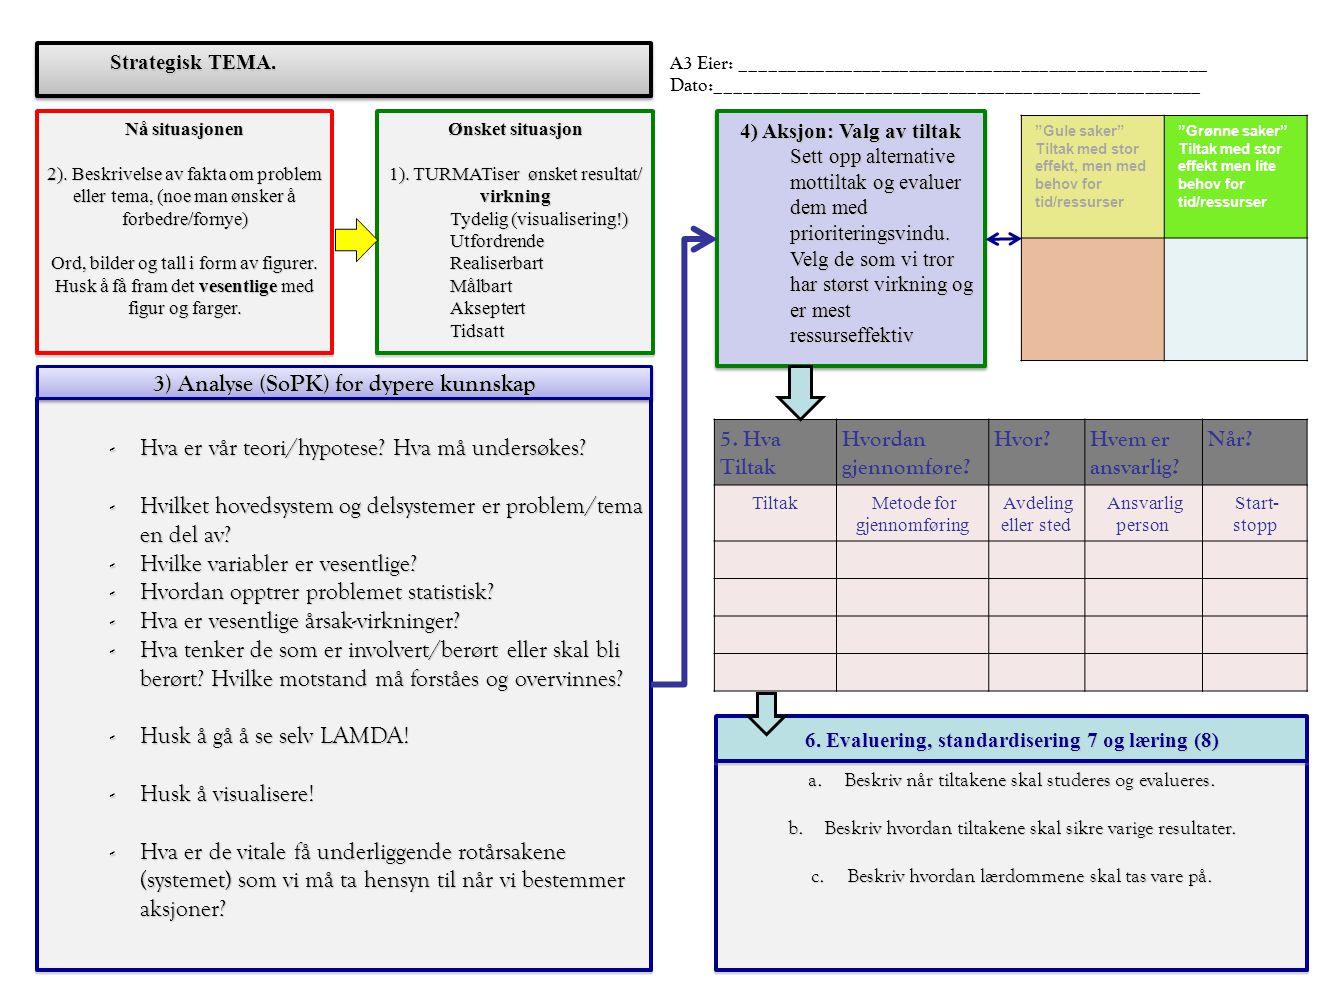 3) Analyse (SoPK) for dypere kunnskap